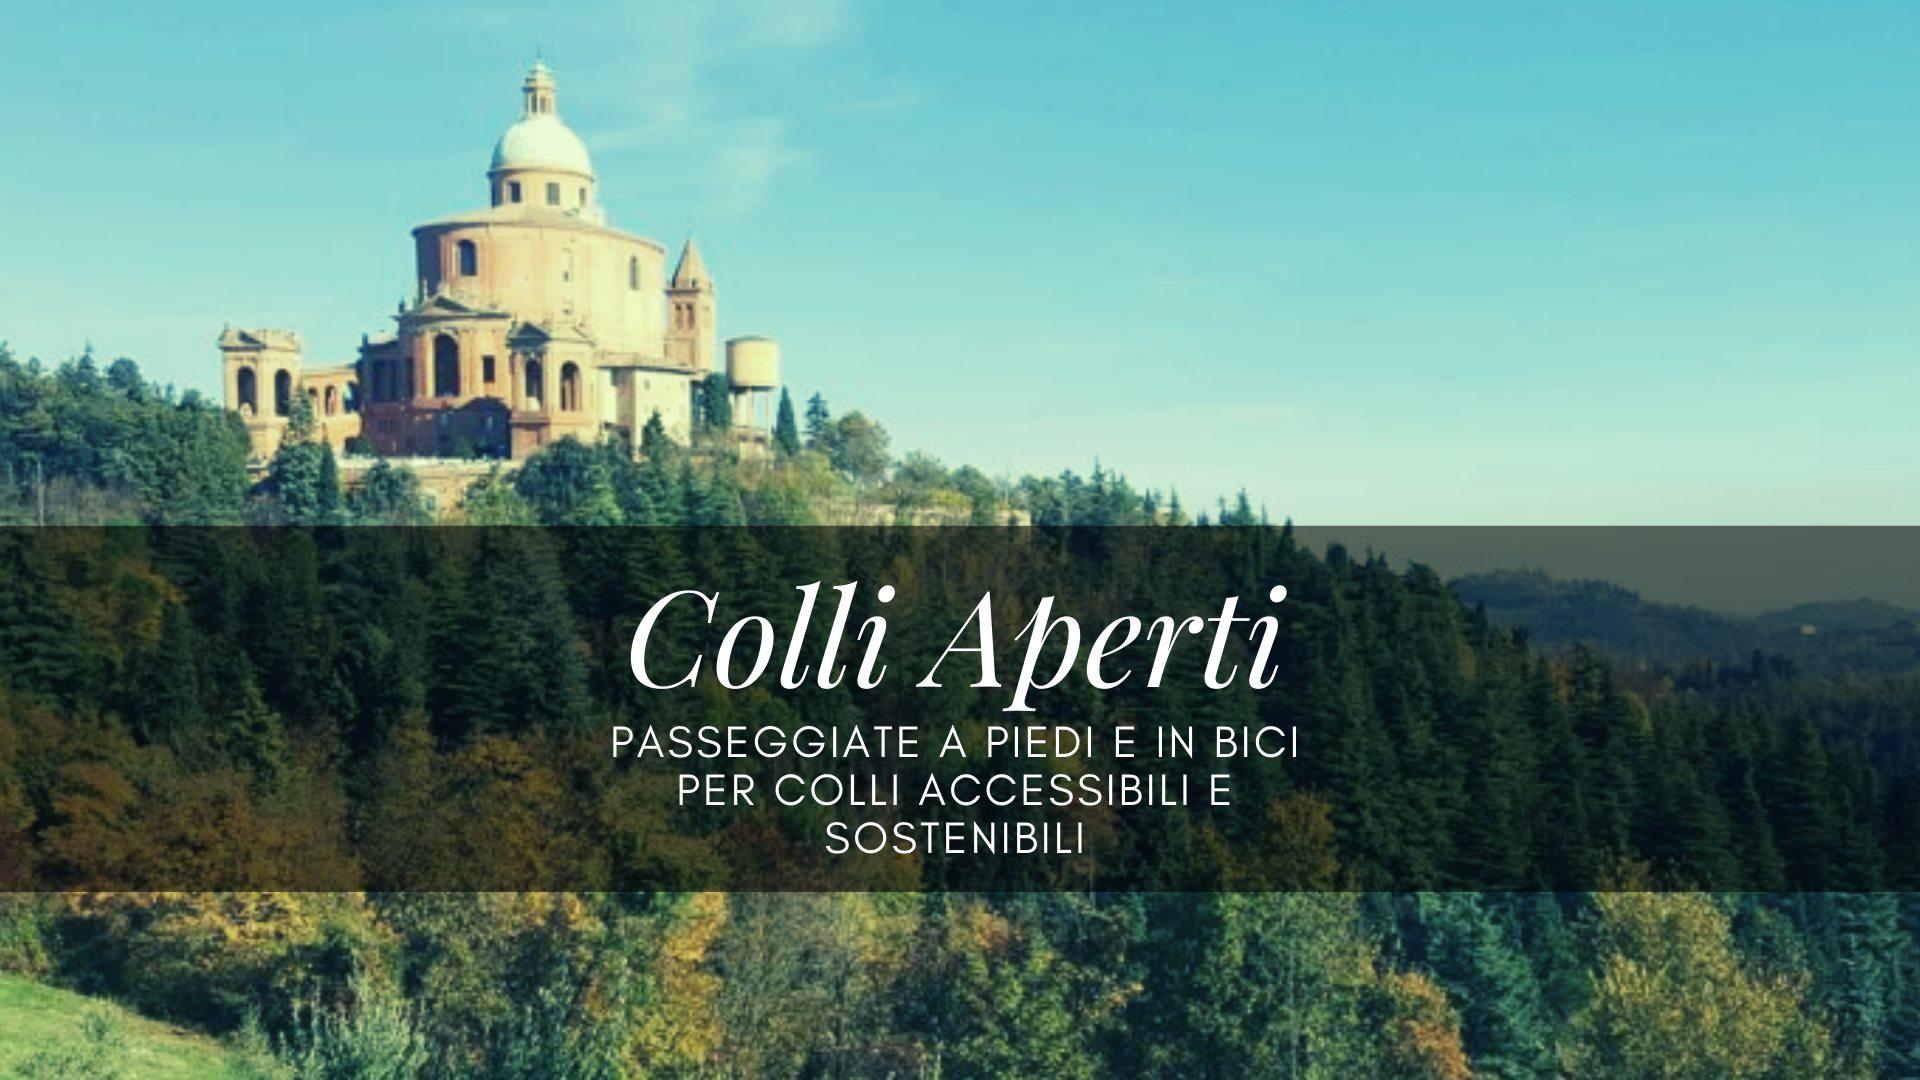 Colli aperti – Un manifesto per l'accessibilità dei colli di Bologna